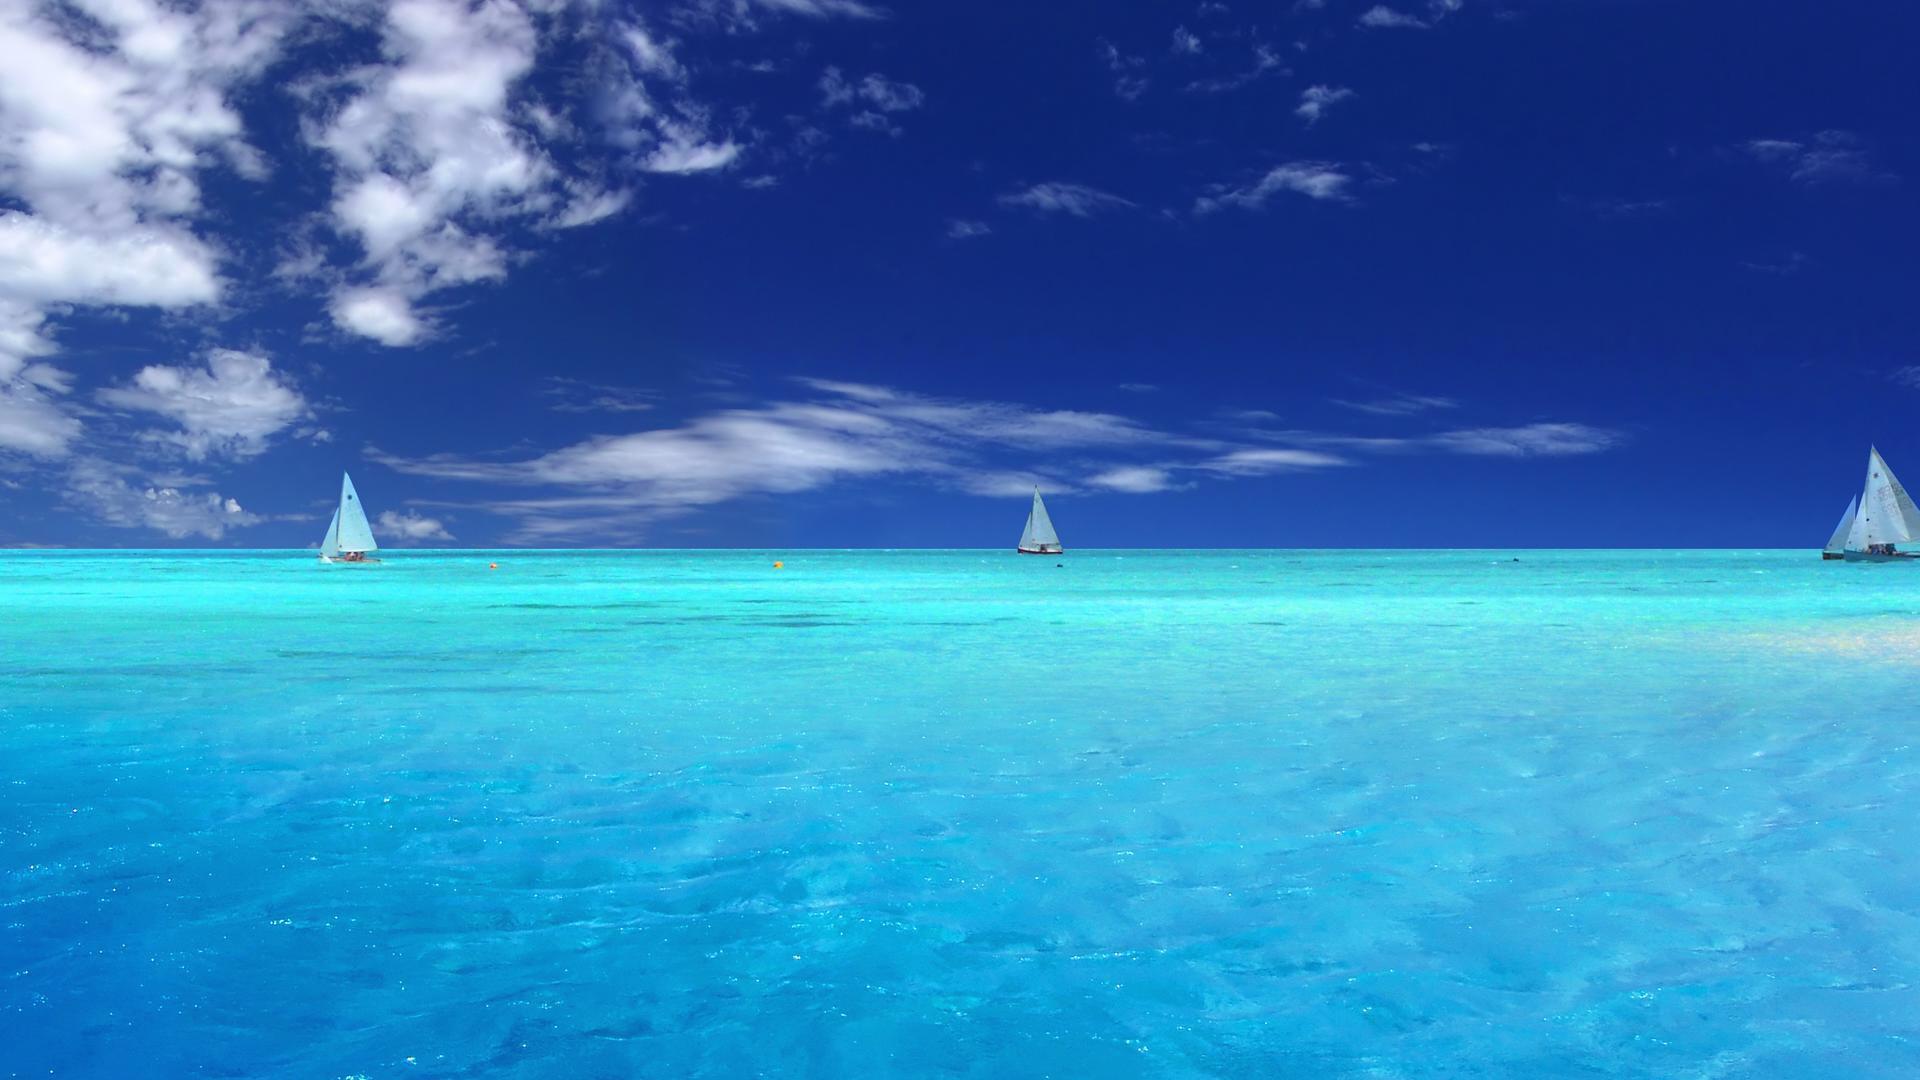 Clear Ocean Water Wallpaper HD 1920x1080 5349 1920x1080